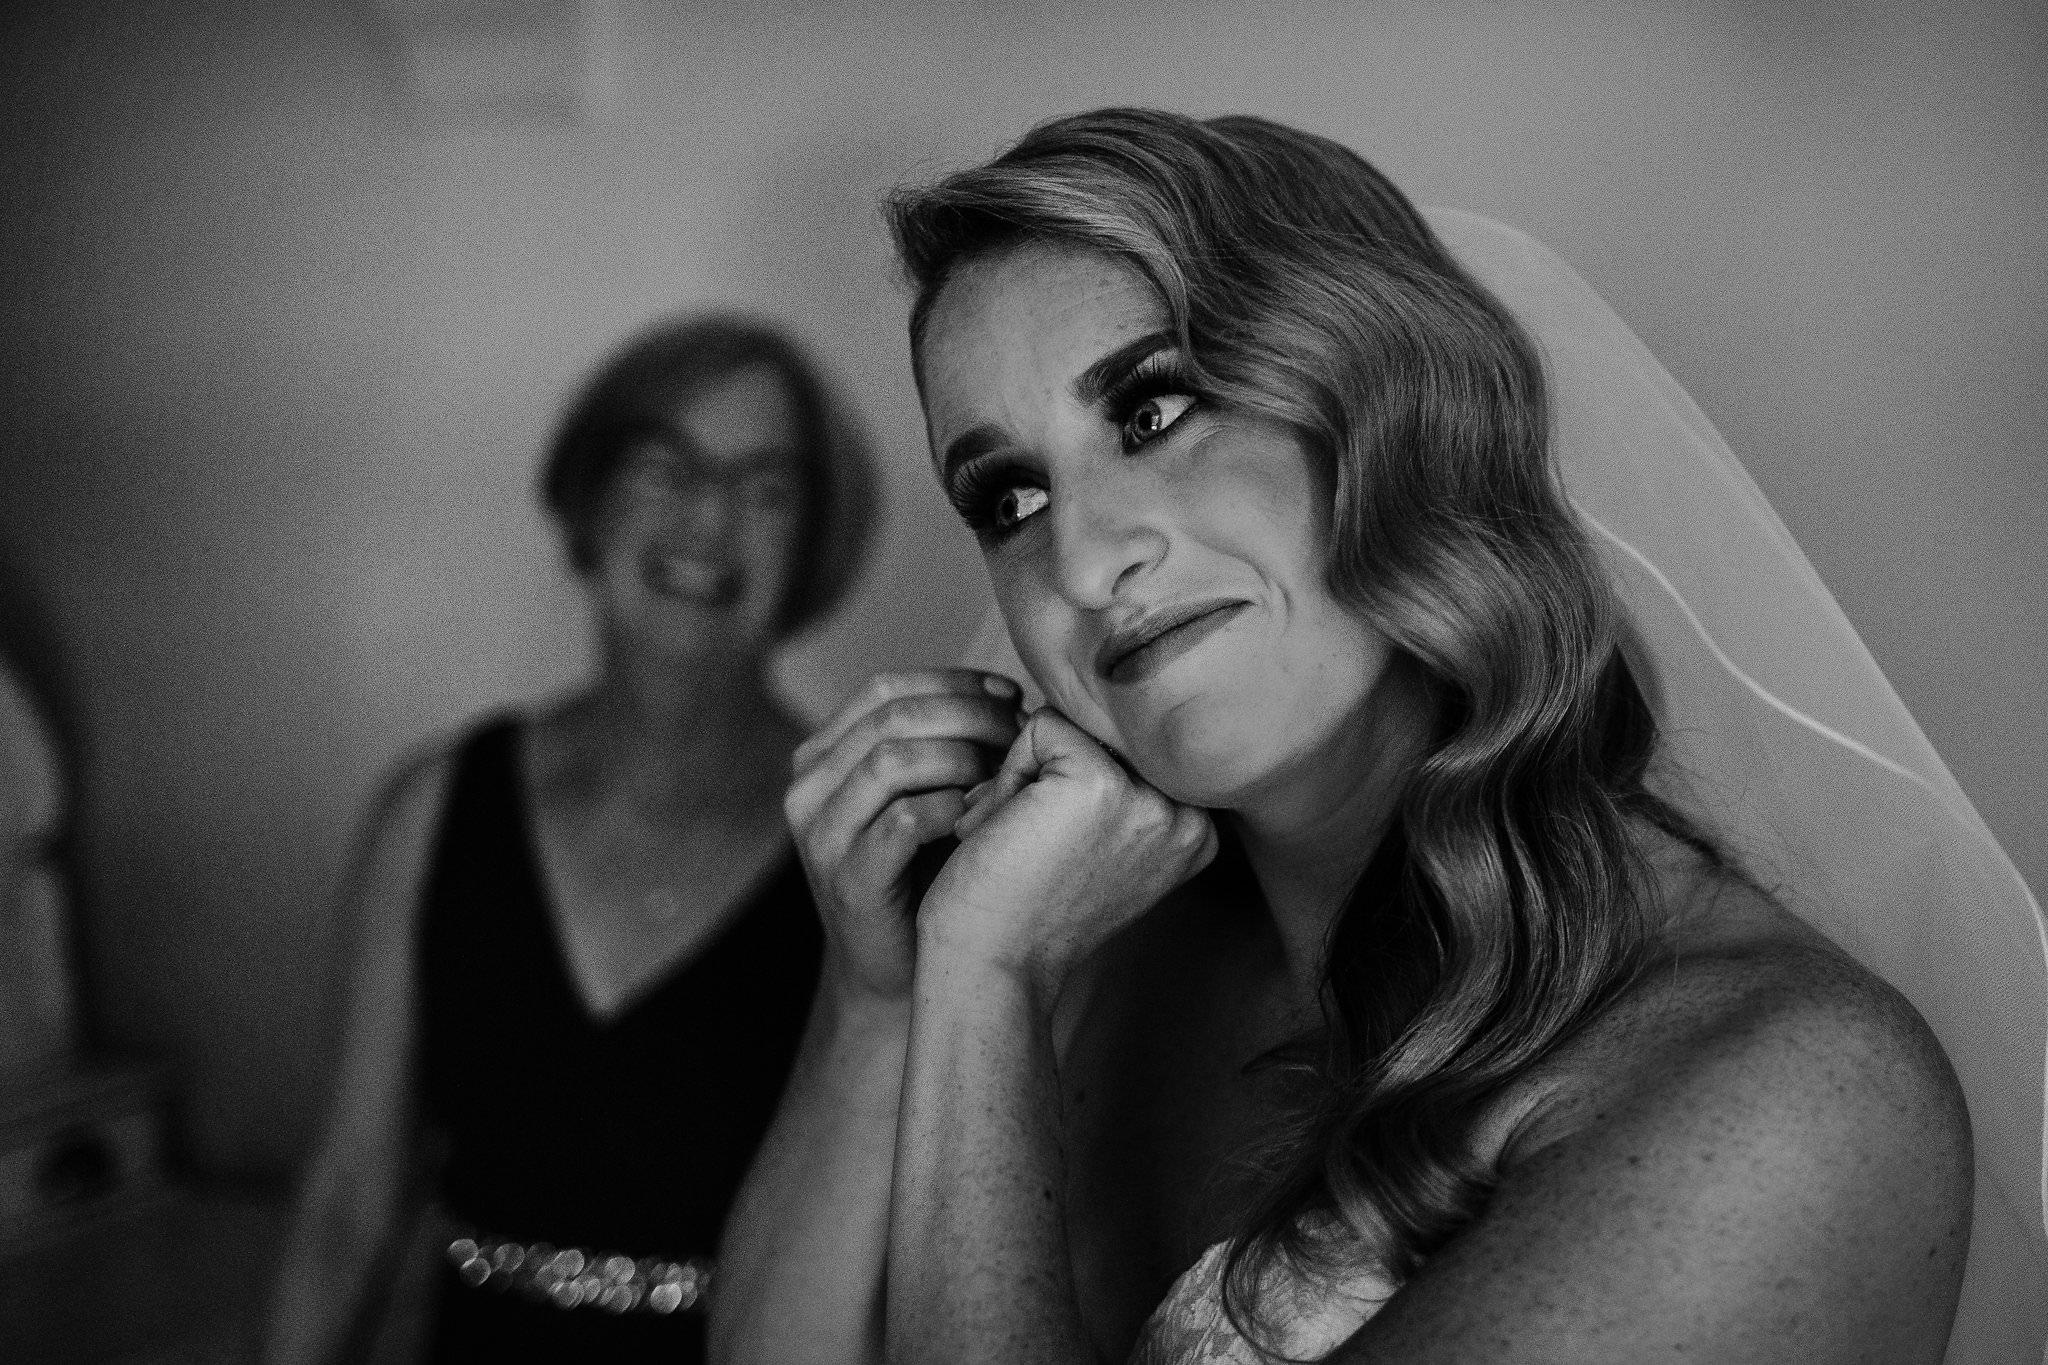 whistlebearweddingphotos 73 - Whistle Bear Wedding Photos